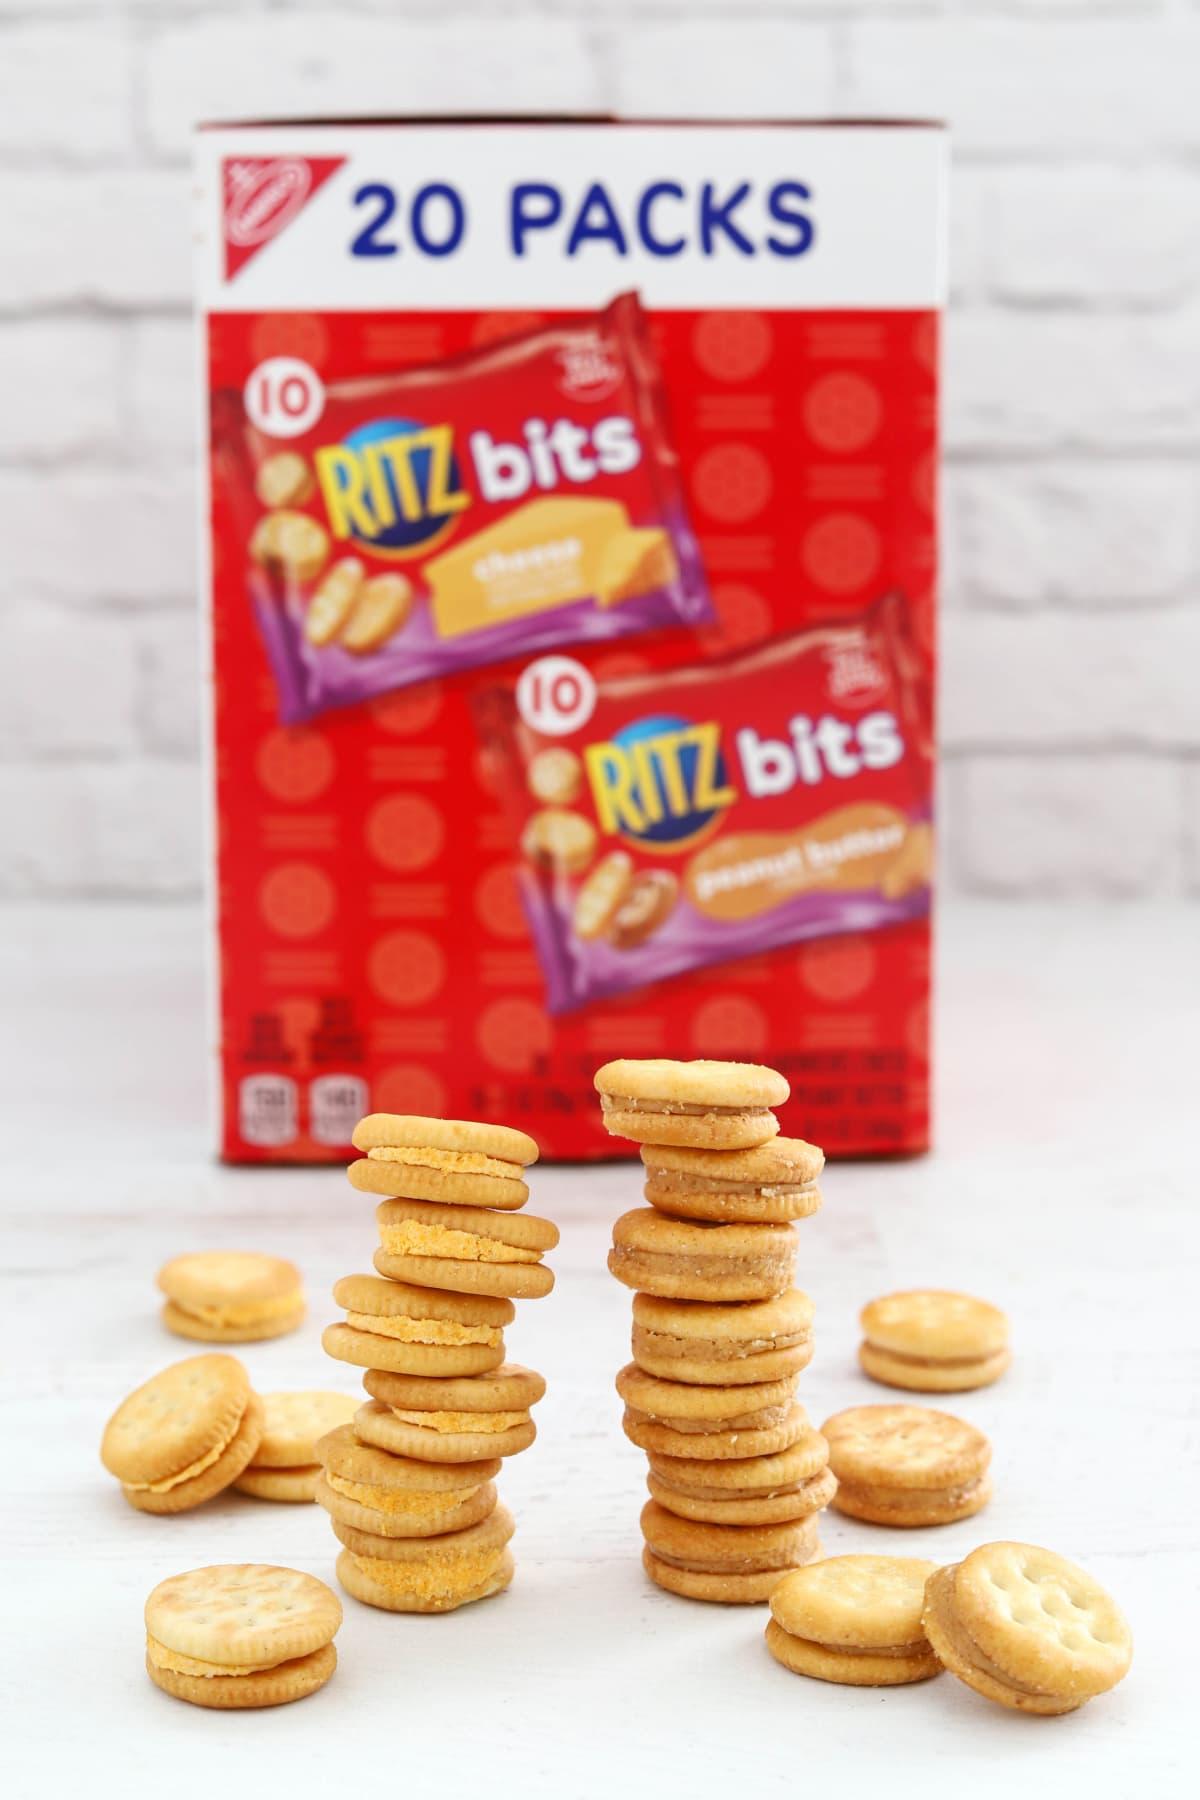 Ritz Bits Crackers in stacks